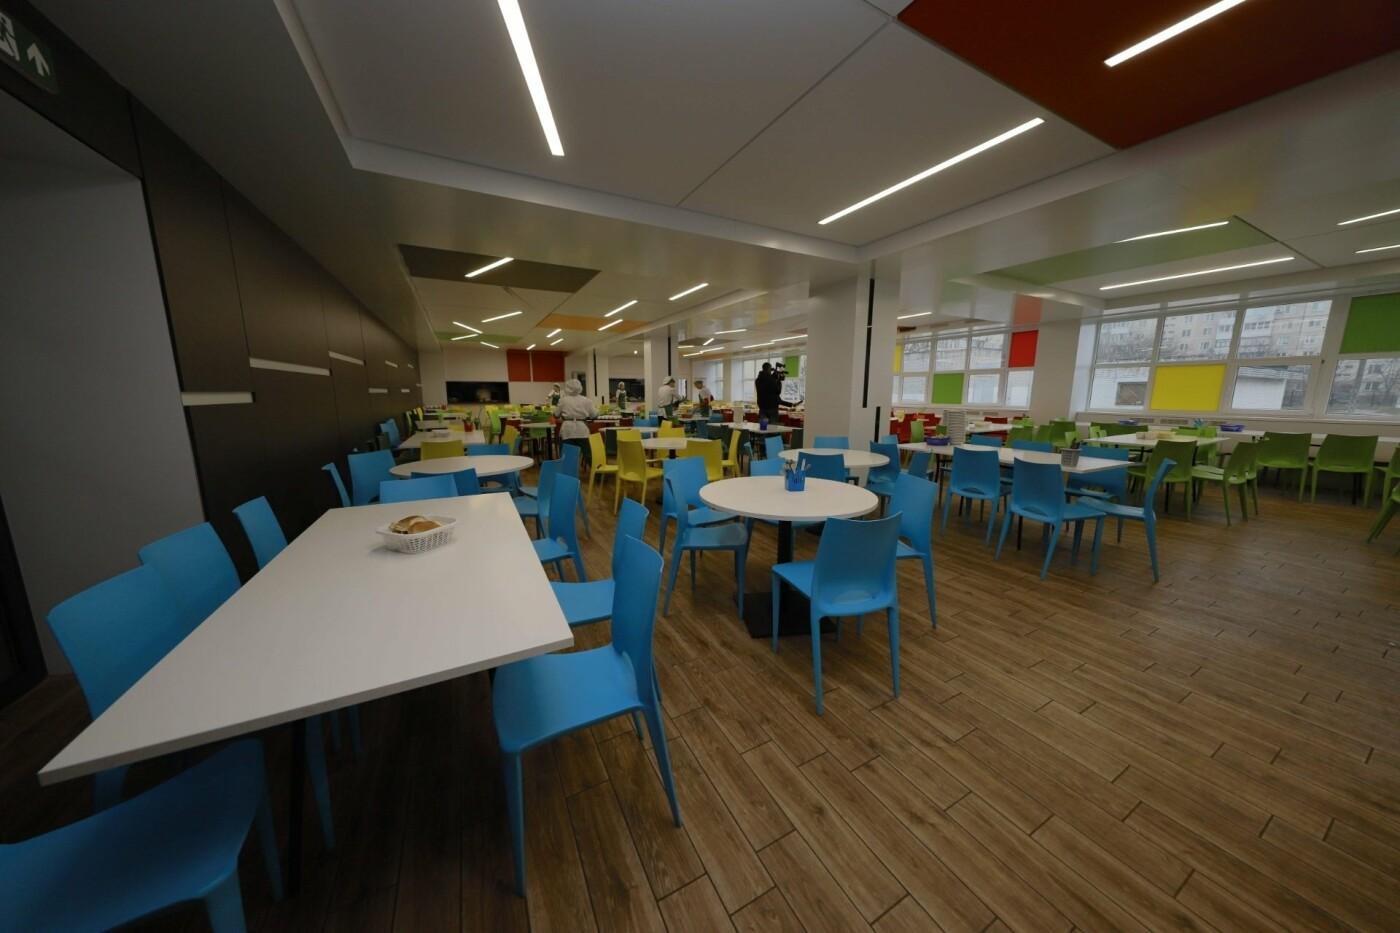 Шведский стол и английский стиль: как кормят школьников в Днепре, - ФОТО, фото-5